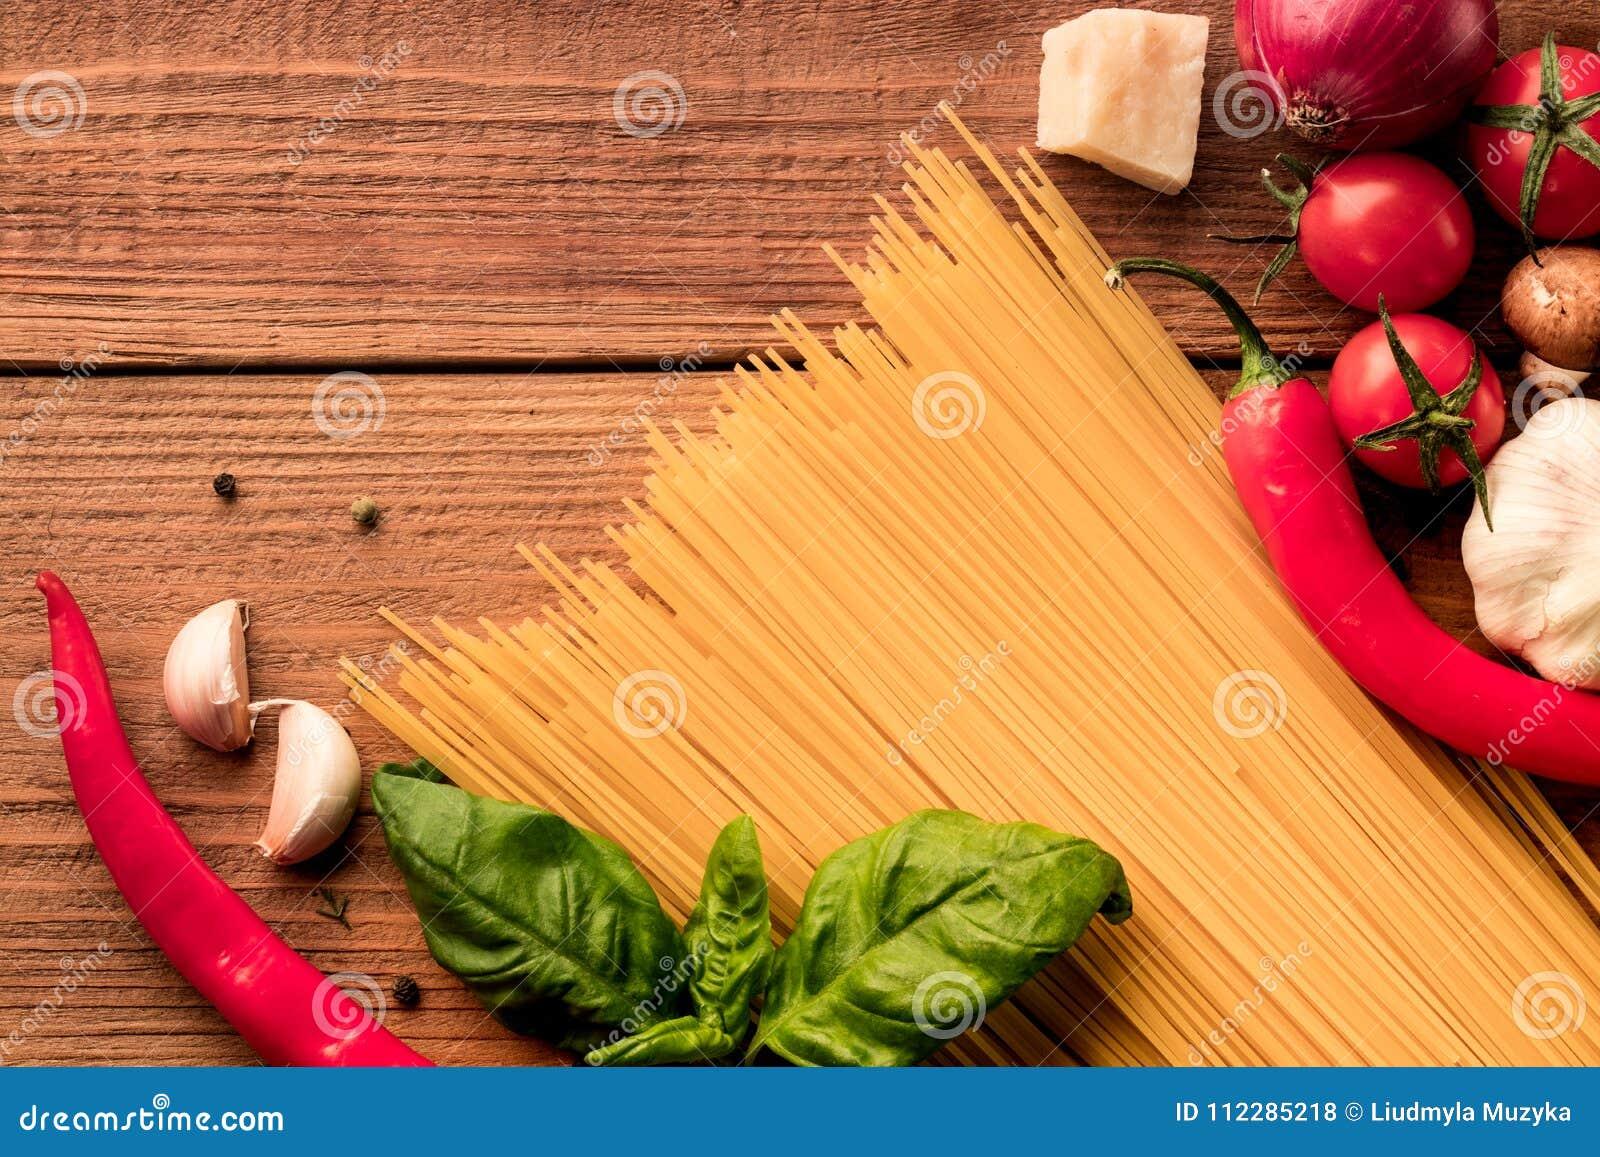 Italiaanse deegwarenspaghetti met verse groenten en kruiden - hoogste mening over houten achtergrond